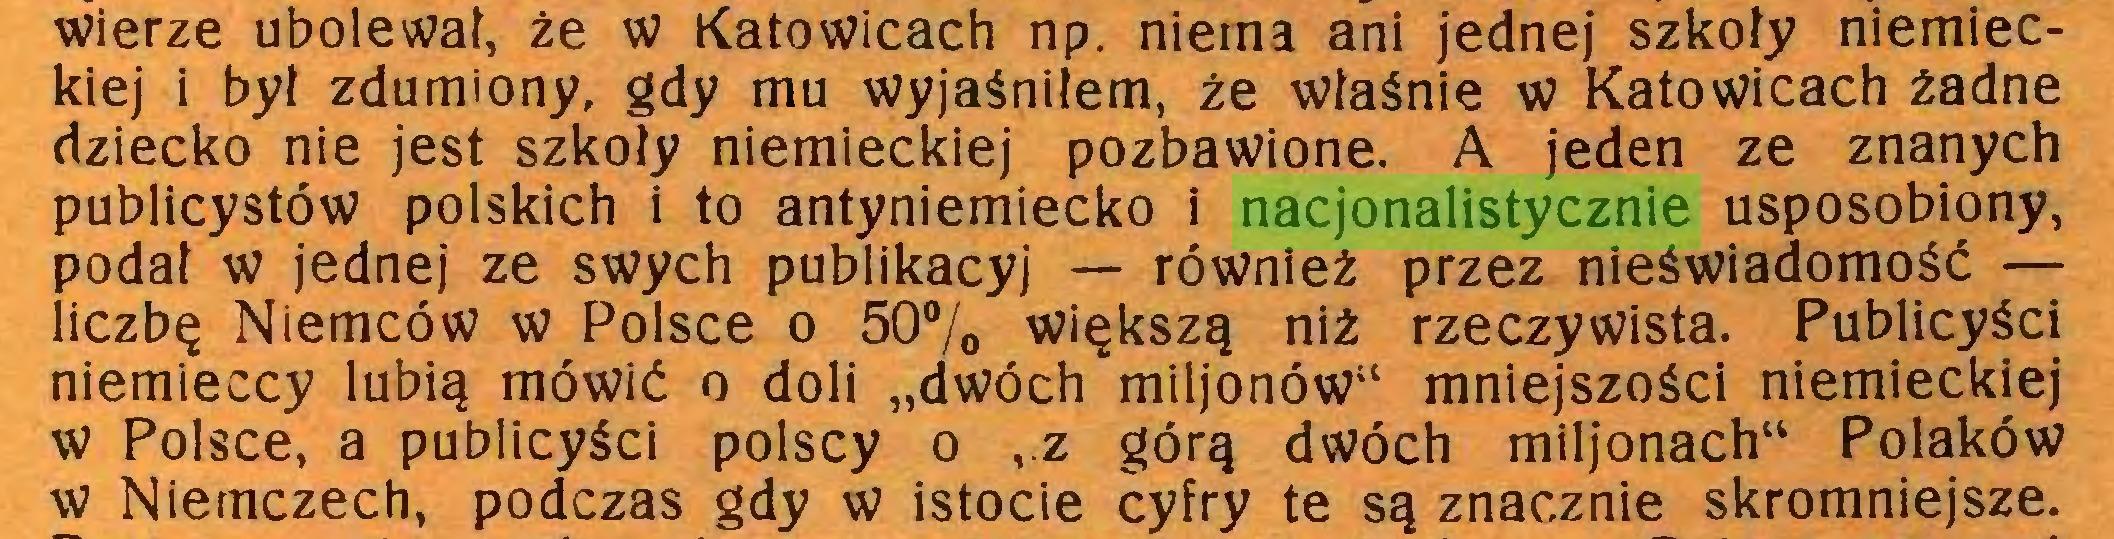 """(...) wierze ubolewał, że w Katowicach np. niema ani jednej szkoły niemieckiej i był zdumiony, gdy mu wyjaśniłem, że właśnie w Katowicach żadne dziecko nie jest szkoły niemieckiej pozbawione. A jeden ze znanych publicystów polskich i to antyniemiecko i nacjonalistycznie usposobiony, podał w jednej ze swych publikacyj — również przez nieświadomość — liczbę Niemców w Polsce o 50% większą niż rzeczywista. Publicyści niemieccy lubią mówić o doli """"dwóch miljonów"""" mniejszości niemieckiej w Polsce, a publicyści polscy o ,.z górą dwóch miljonach"""" Polaków w Niemczech, podczas gdy w istocie cyfry te są znacznie skromniejsze..."""